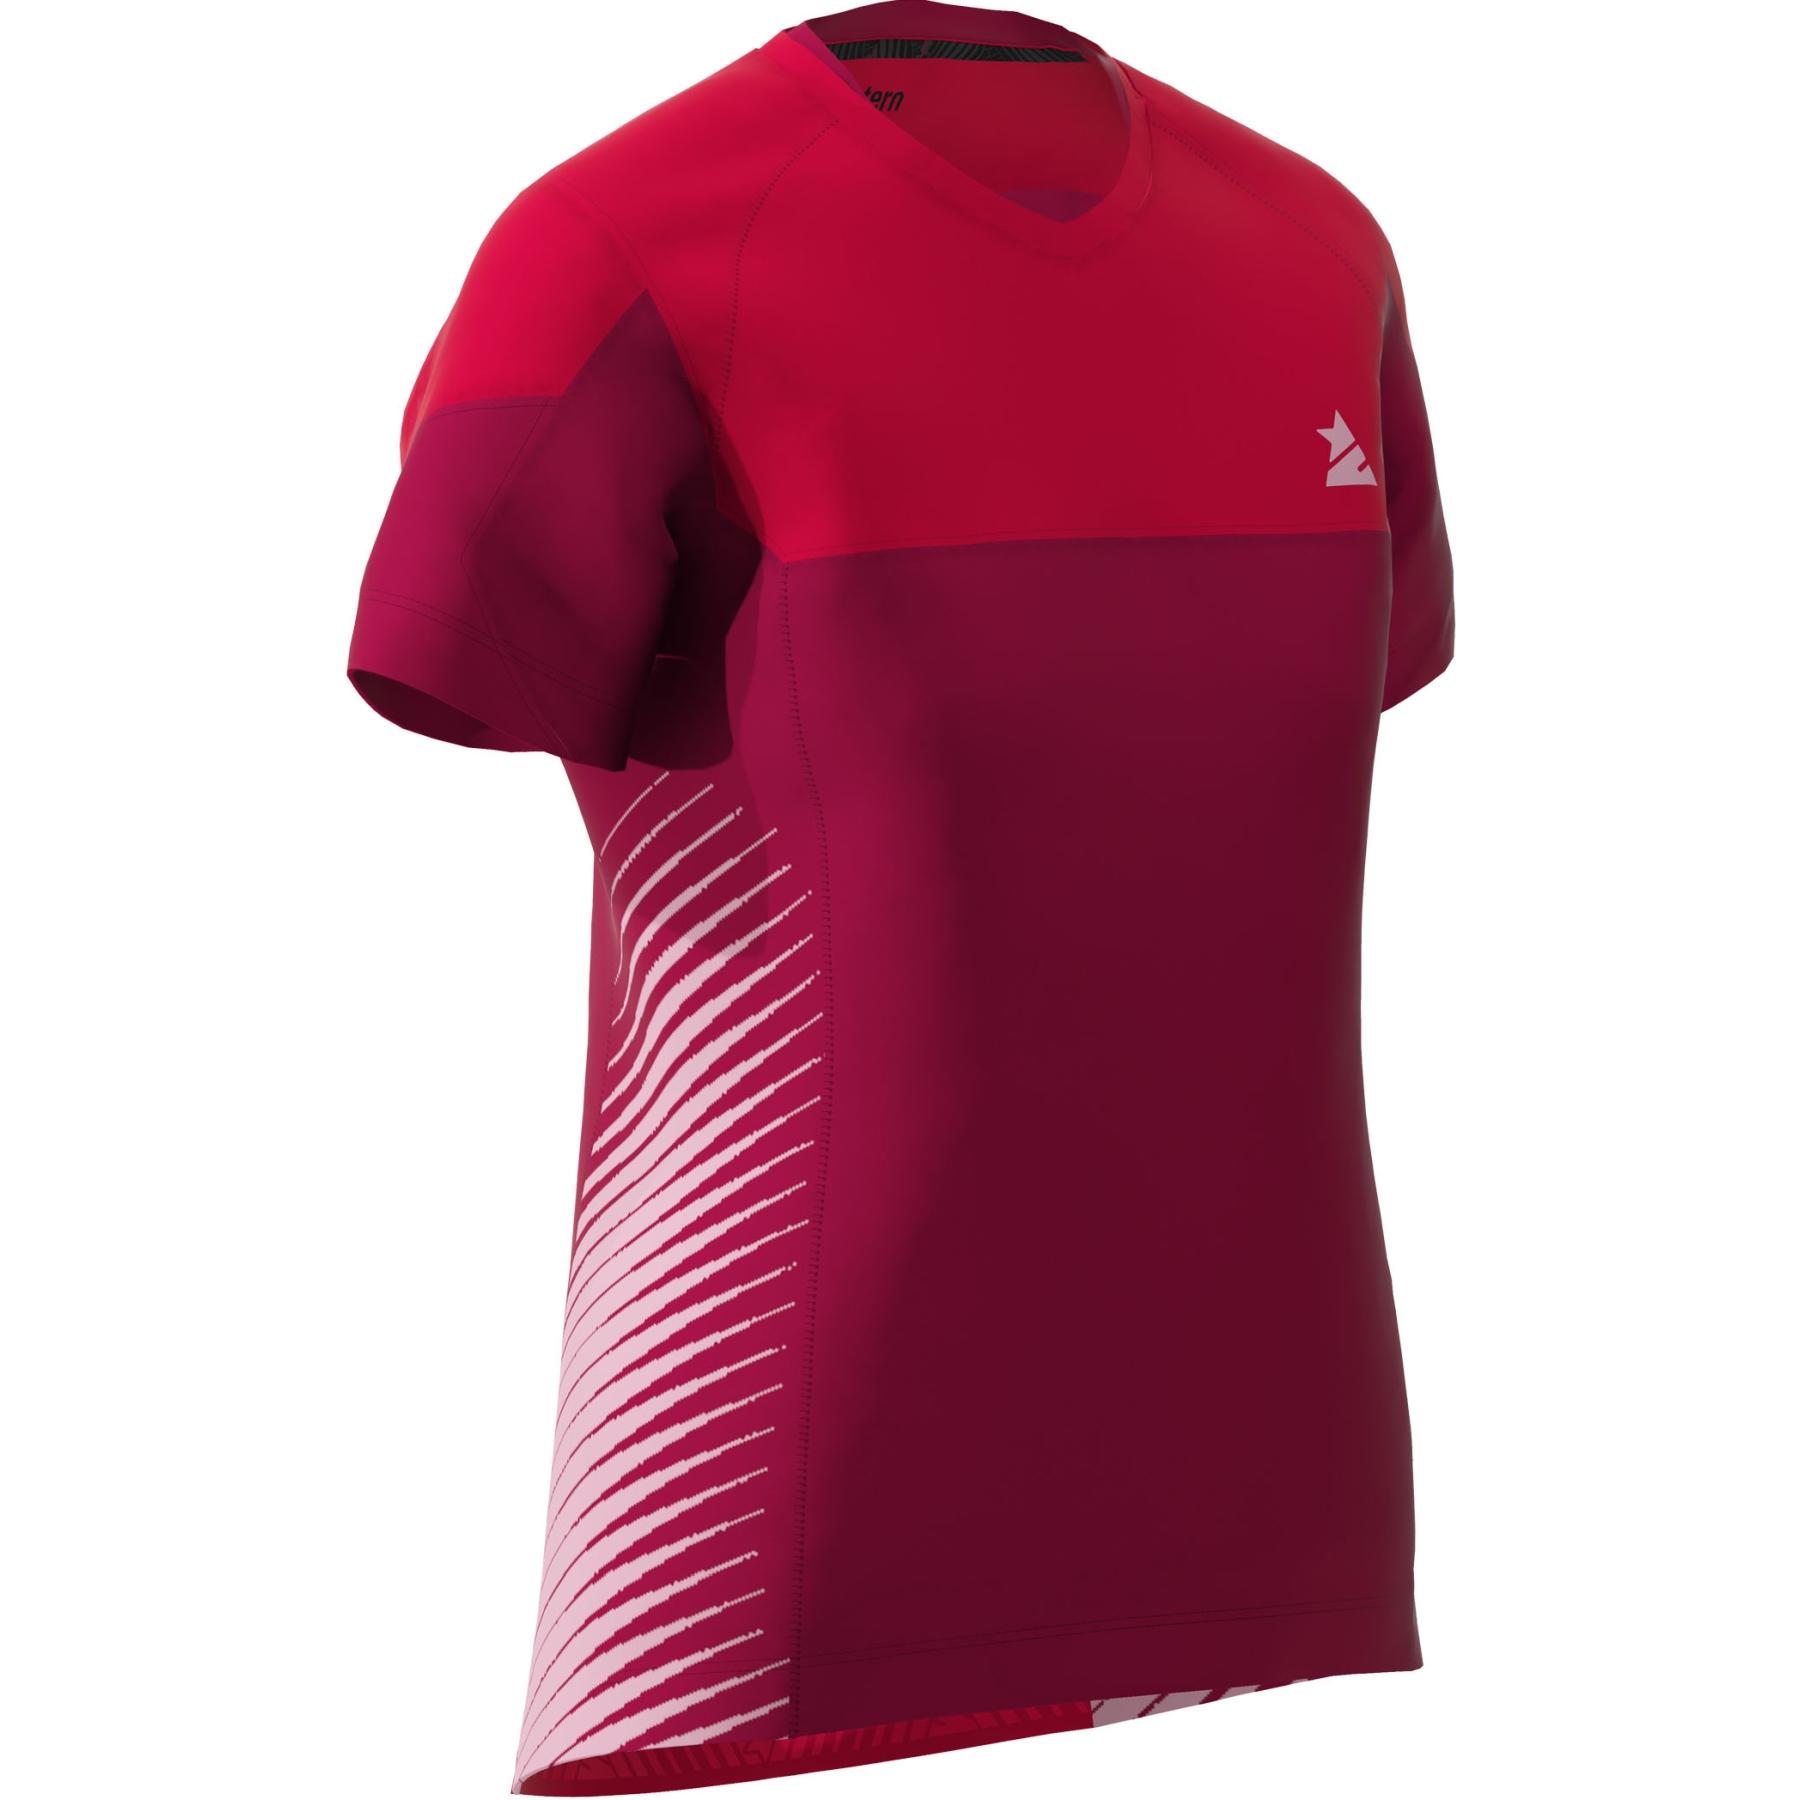 Bild von Zimtstern Bulletz Kurzarm-Shirt Damen - jester red/cyber red